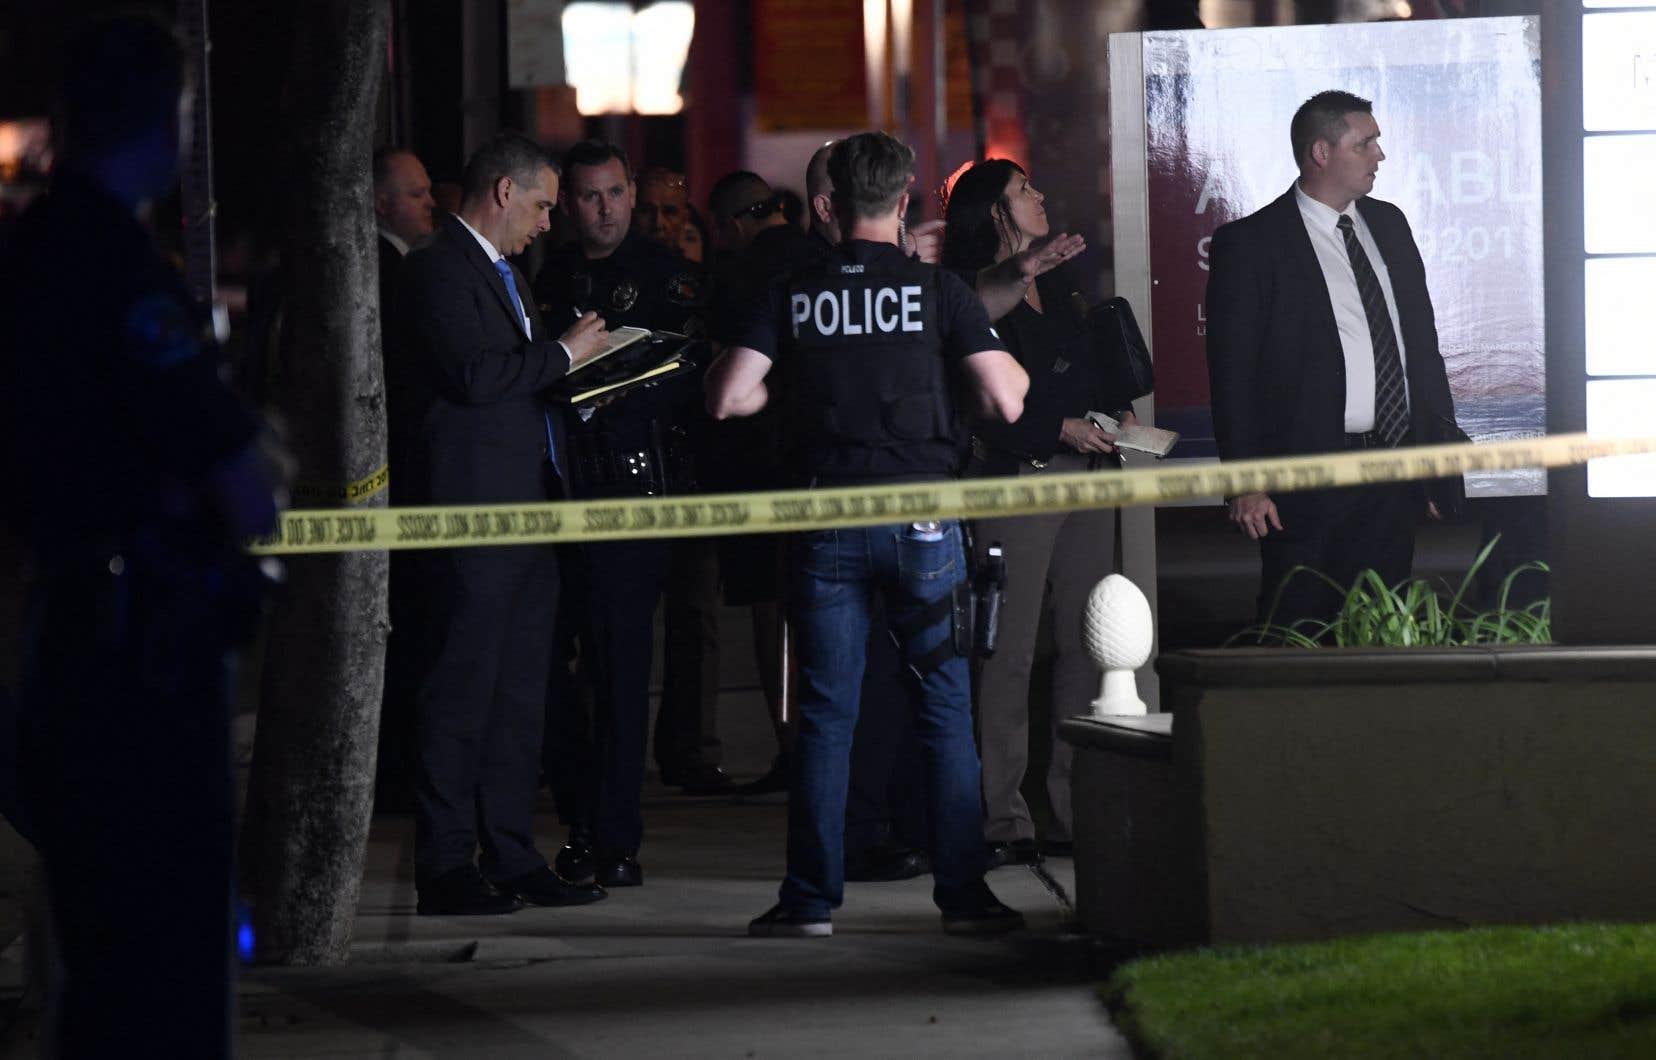 Des policiers et des agents se tenaient à l'extérieur de immeuble de bureaux où la fusillade s'est tenue à Orange, en Californie, mercredi. Les autorités ont déclaré que quatre personnes, dont un enfant, avaient été tuées.